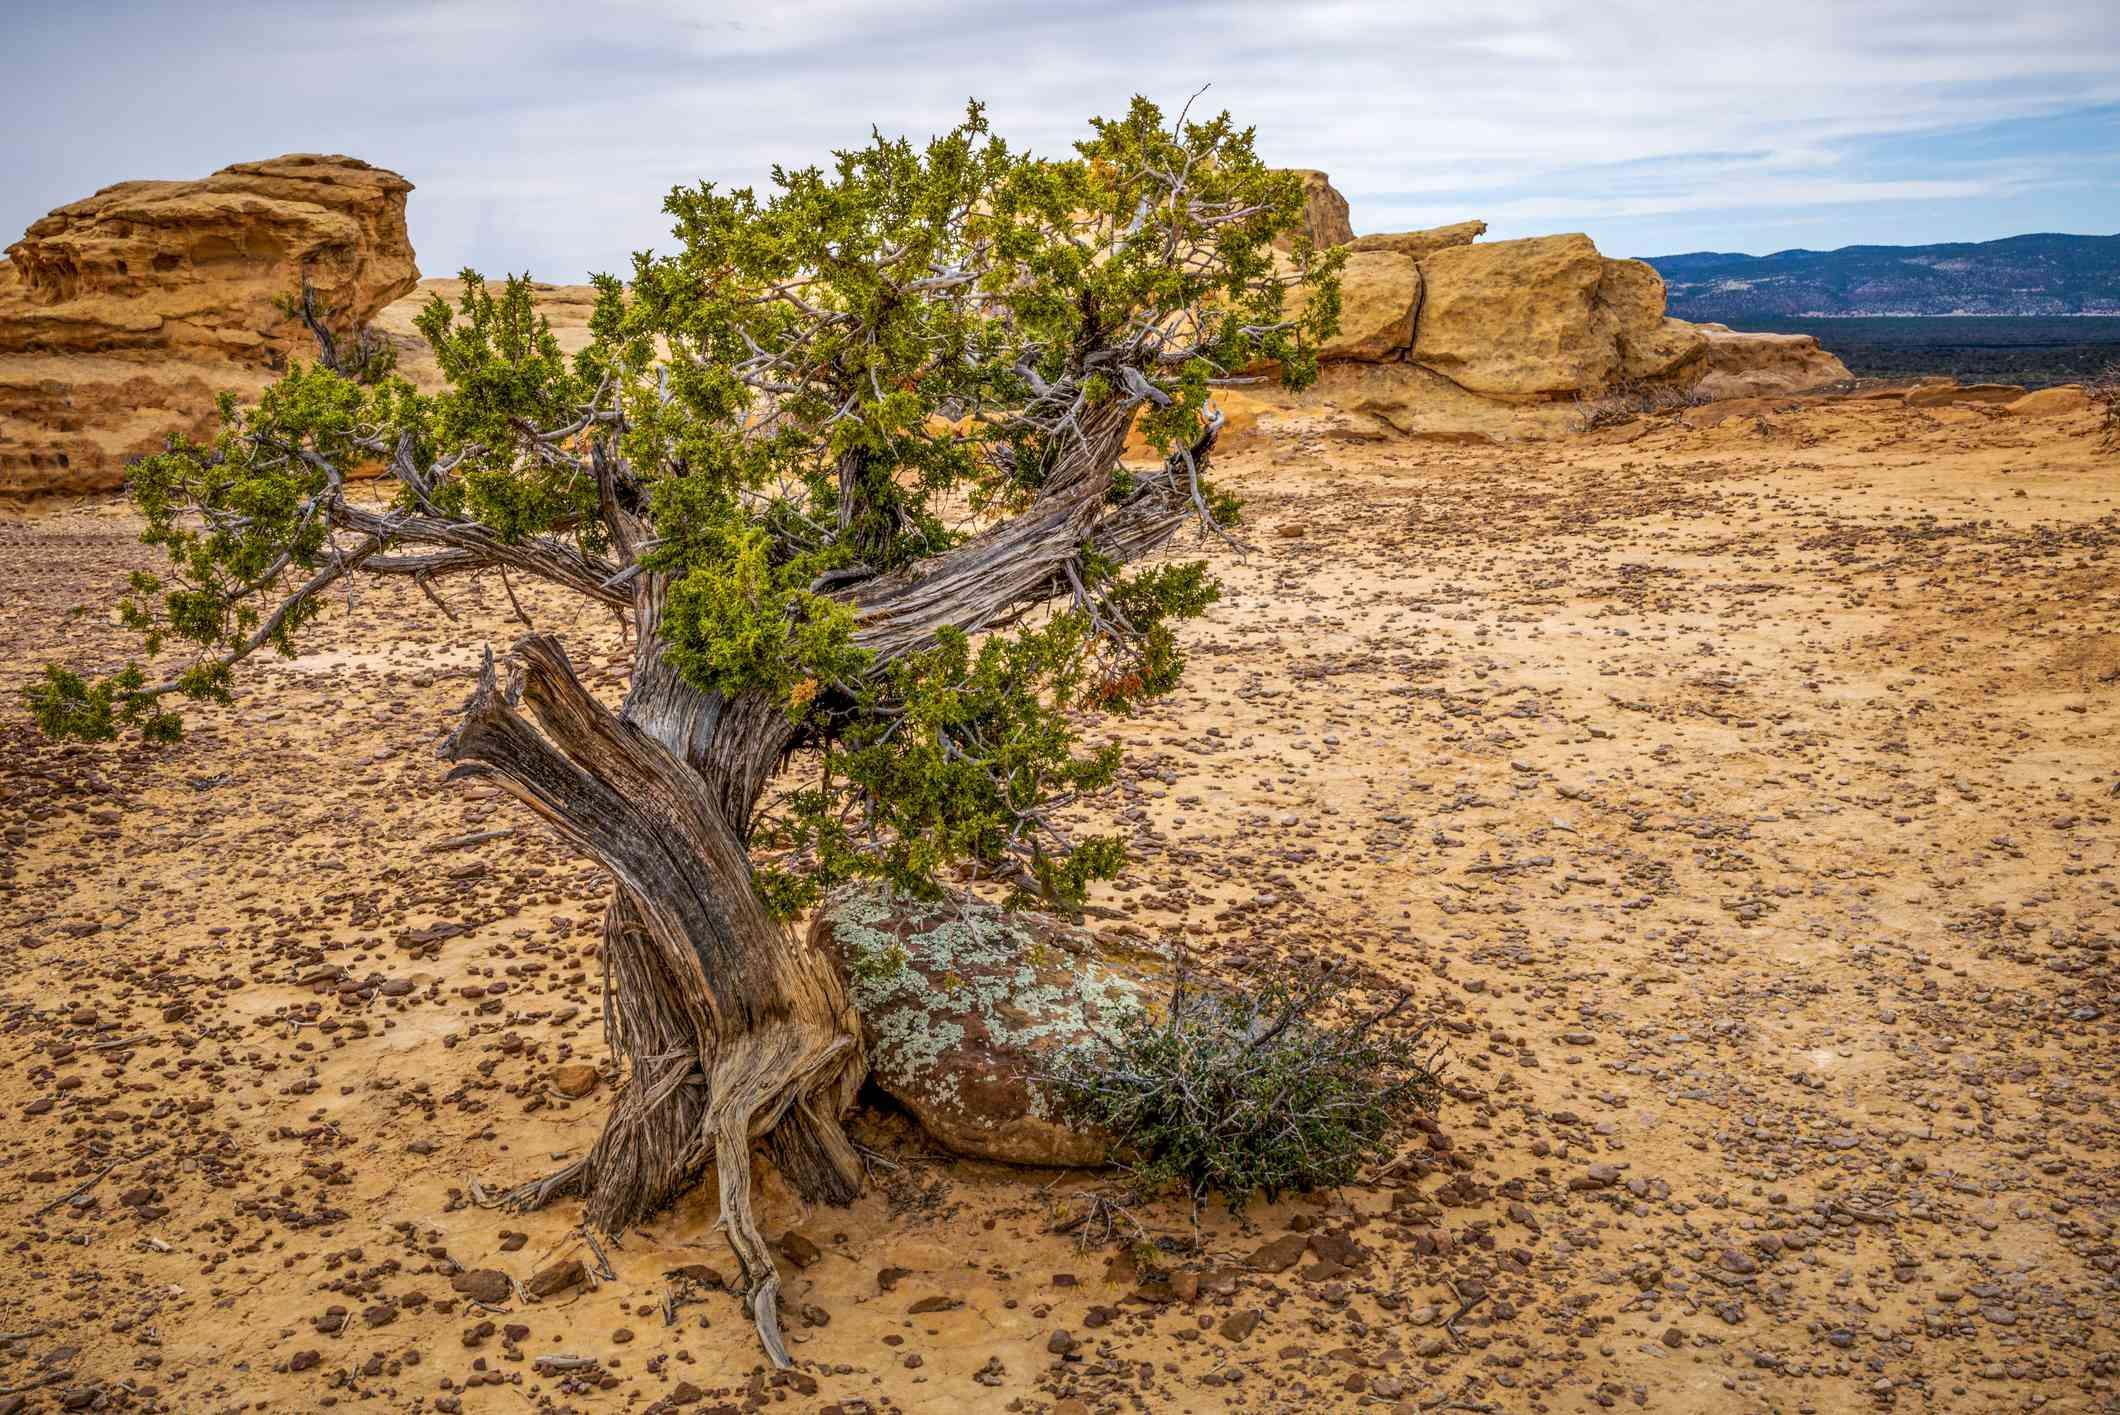 A Juniper tree growing in a desert environment.